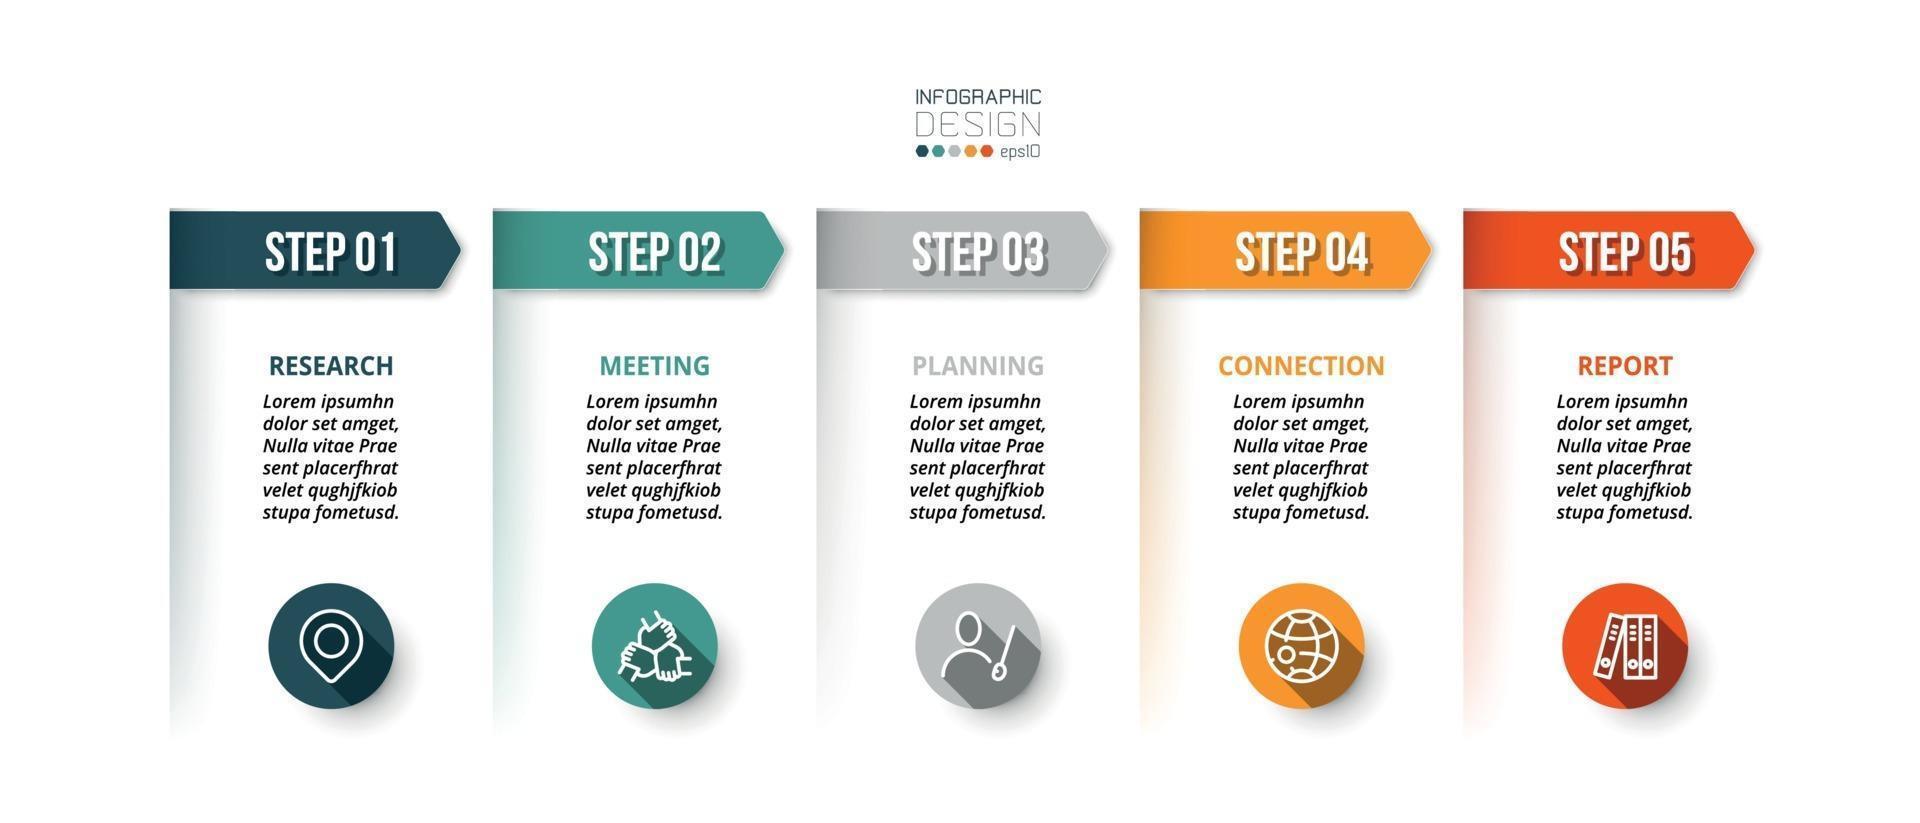 presentar nuevas ideas o planificación del trabajo, procesos de trabajo y explicar e informar sobre los resultados. diseño infográfico cuadrado. vector